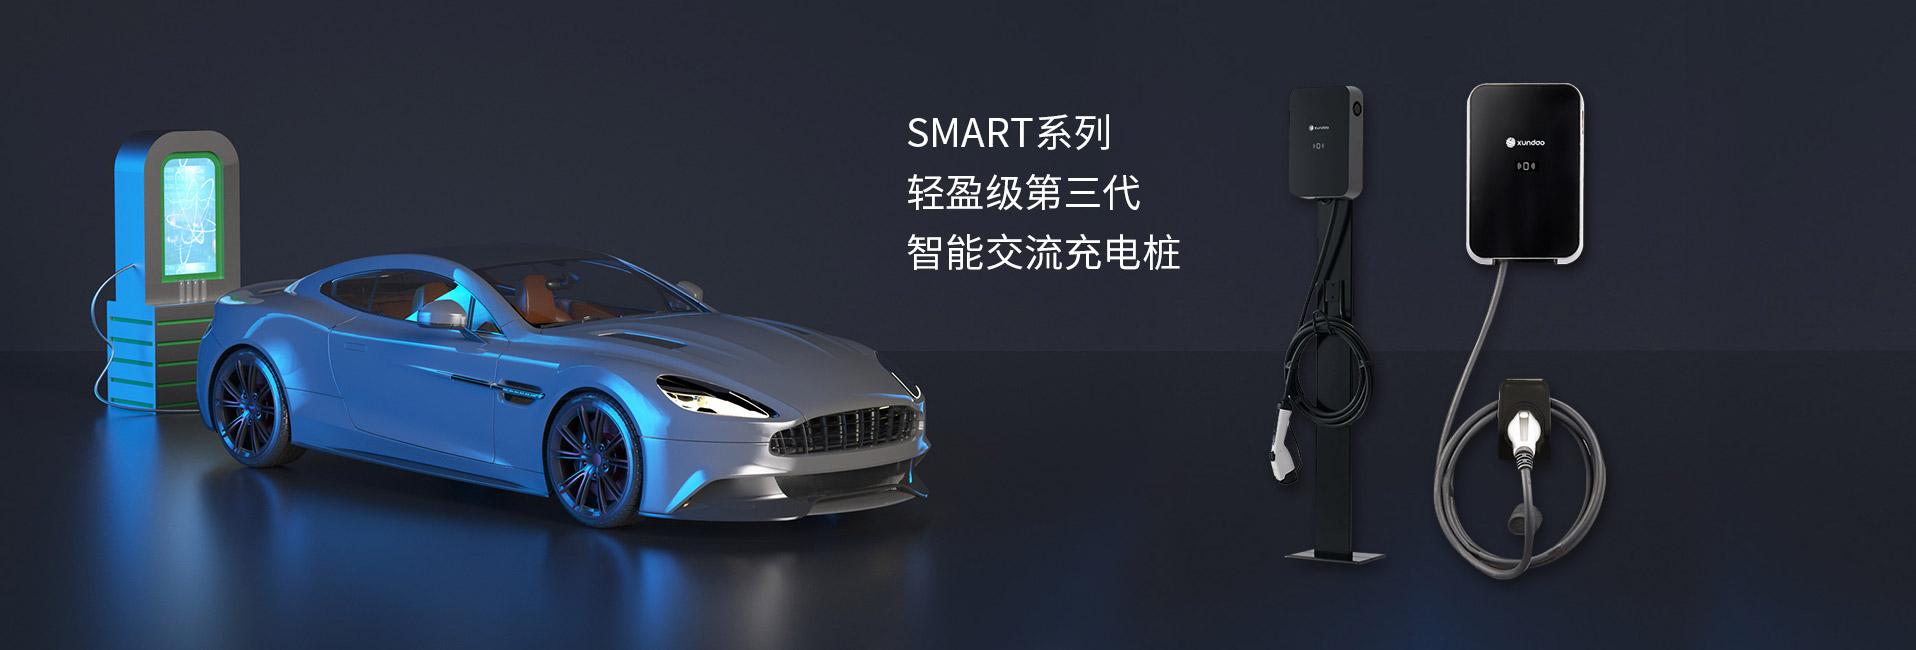 上海循道新能源科技有限公司公司介紹